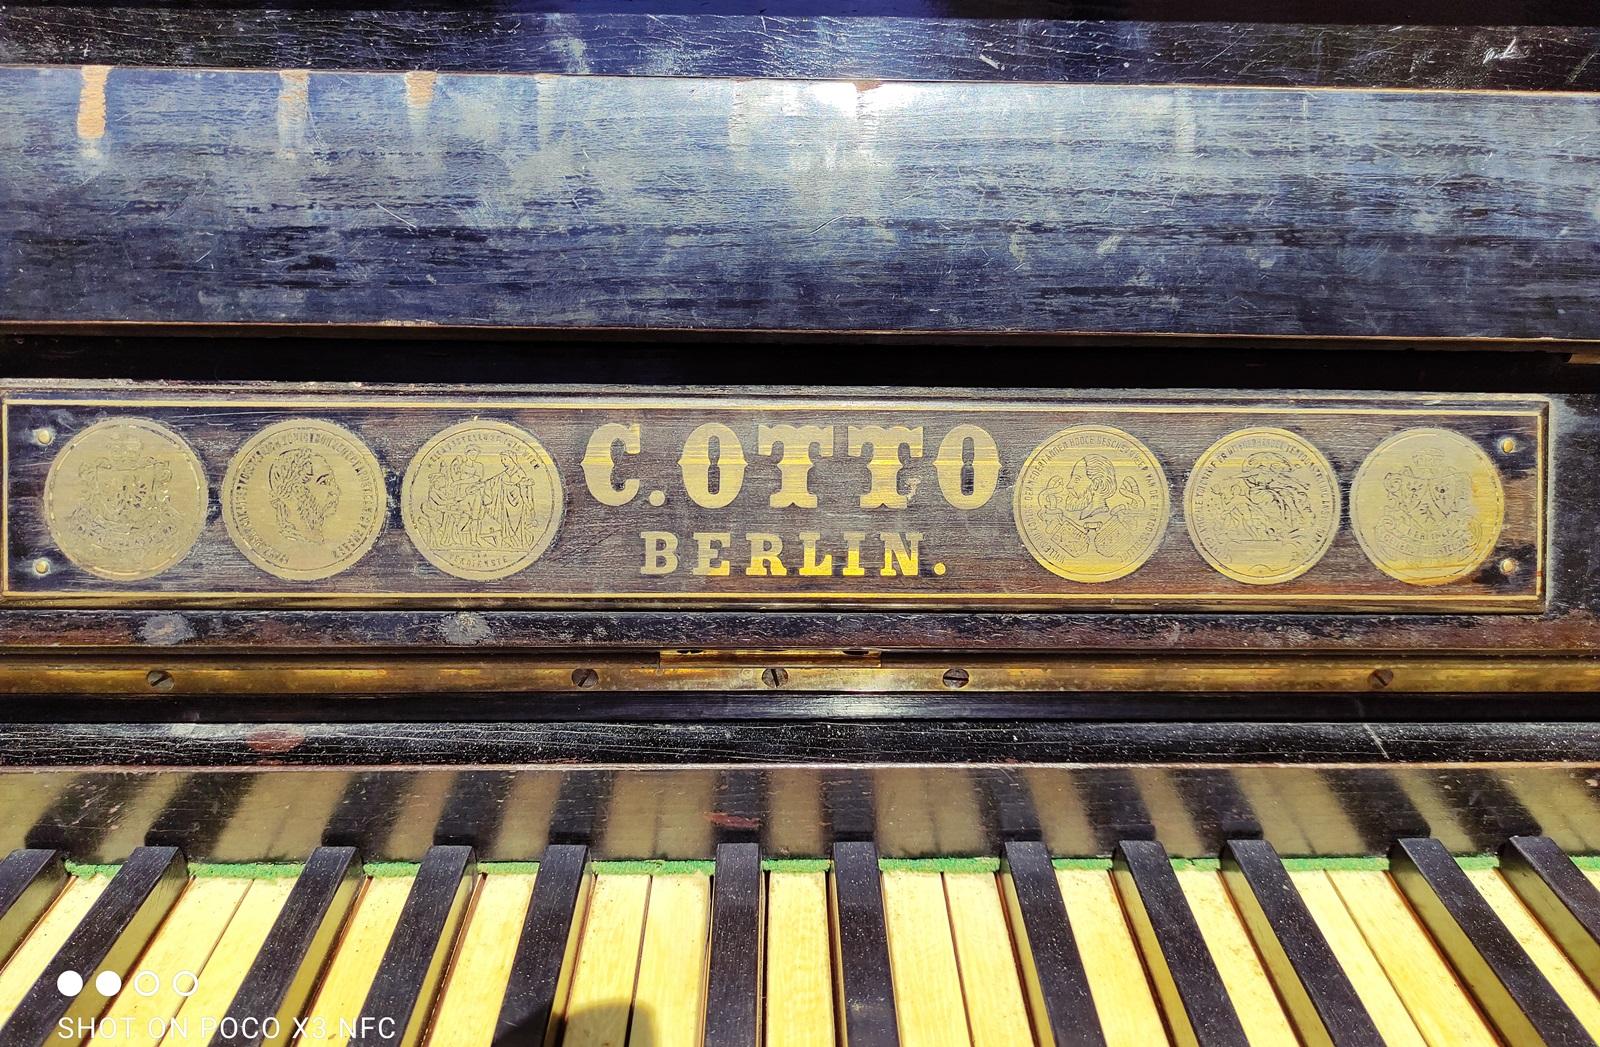 2_piano_C_Otto_Lefkada